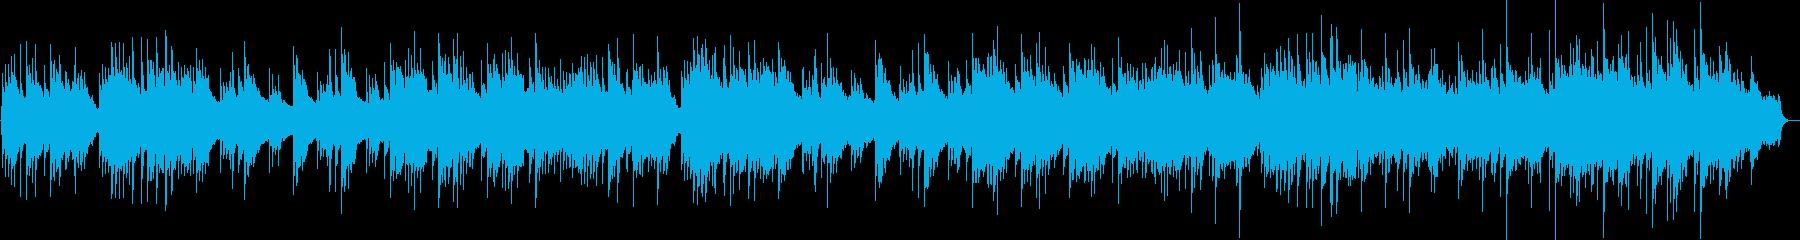 優しい木漏れ日をイメージしたインスト曲の再生済みの波形